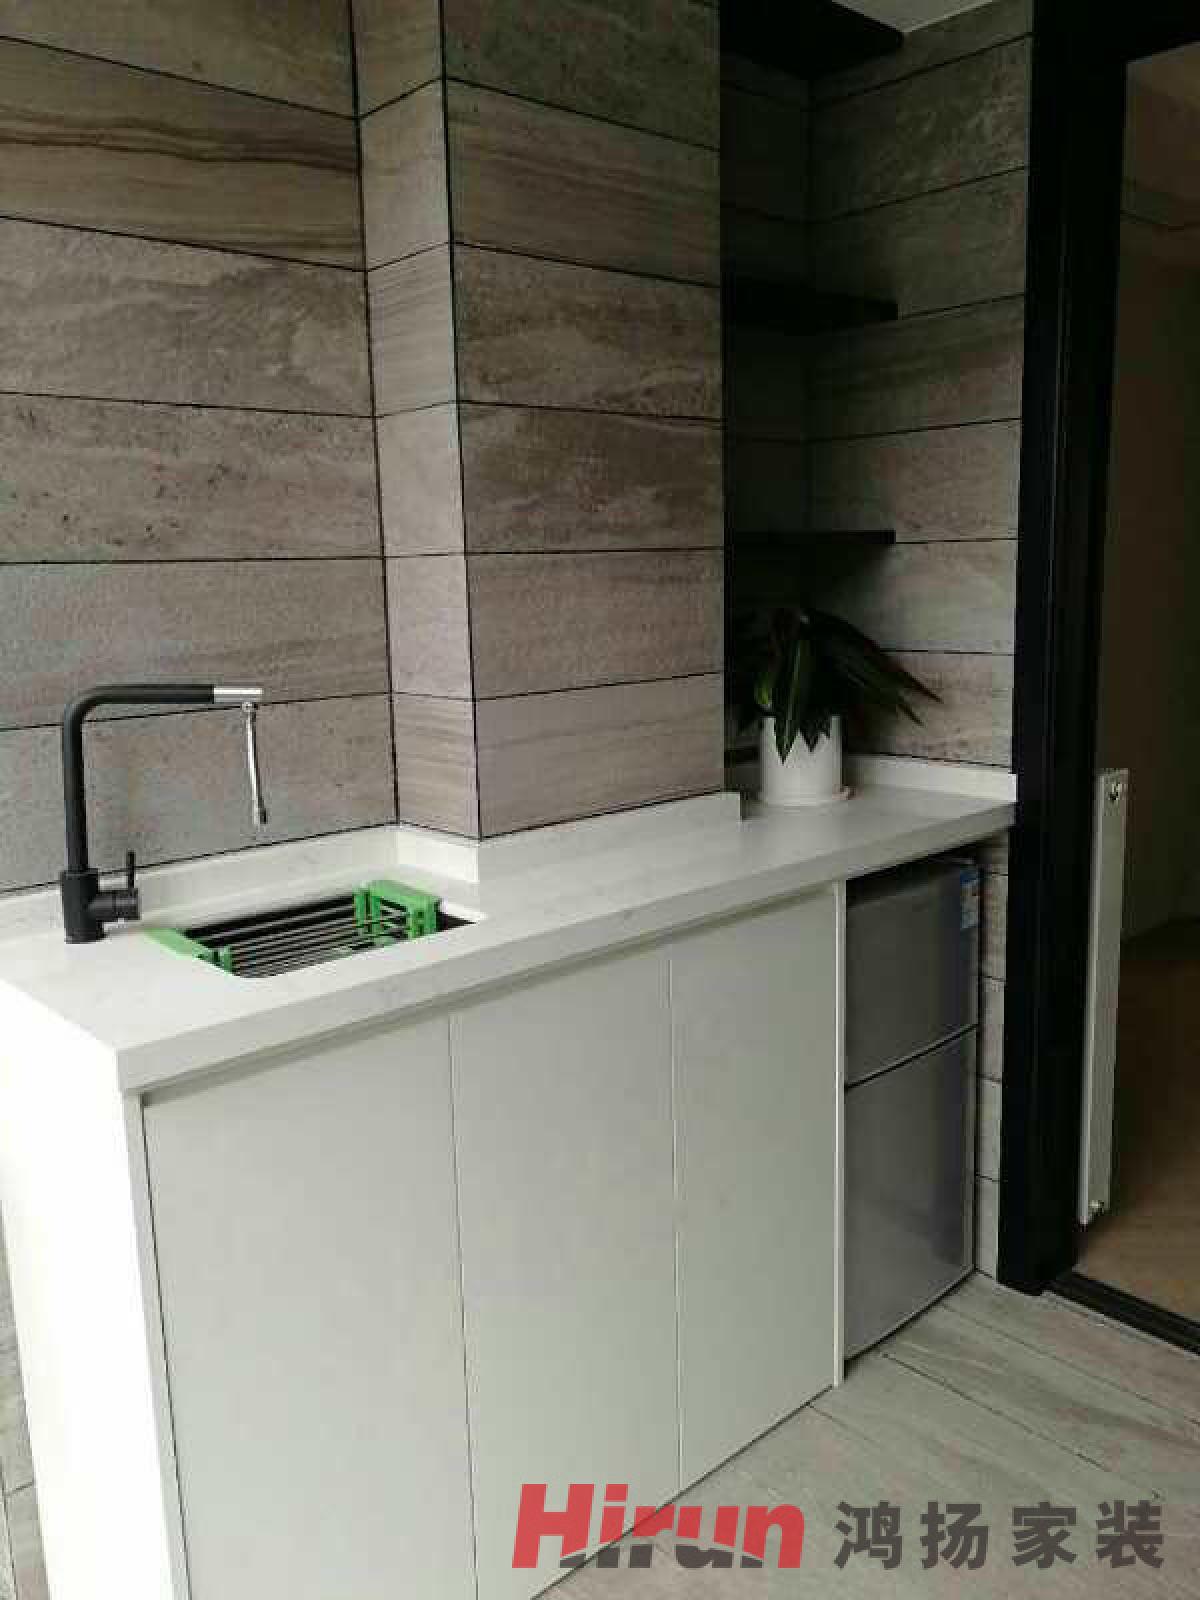 造型简洁的鸿扬木制的白色柜门.